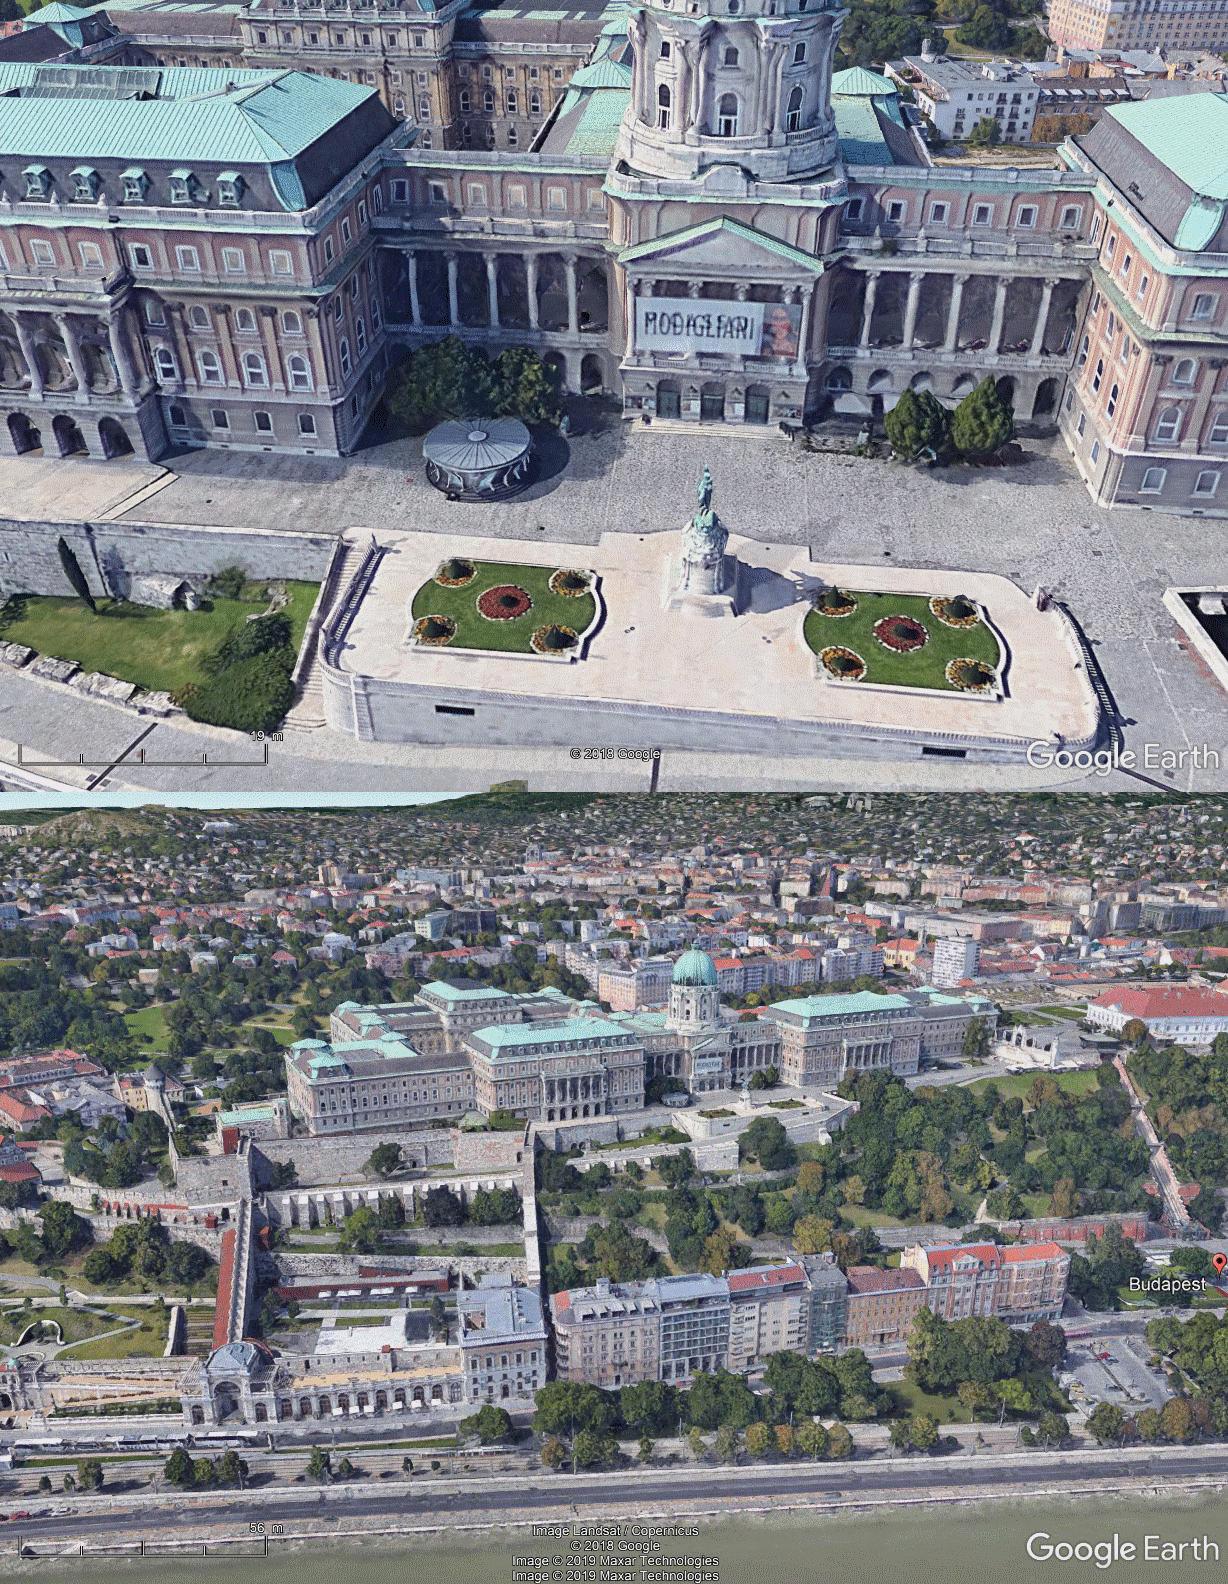 Voulez-vous être réalisateur du volume 3 de la vidéo Google Earth 3D ? Budape10